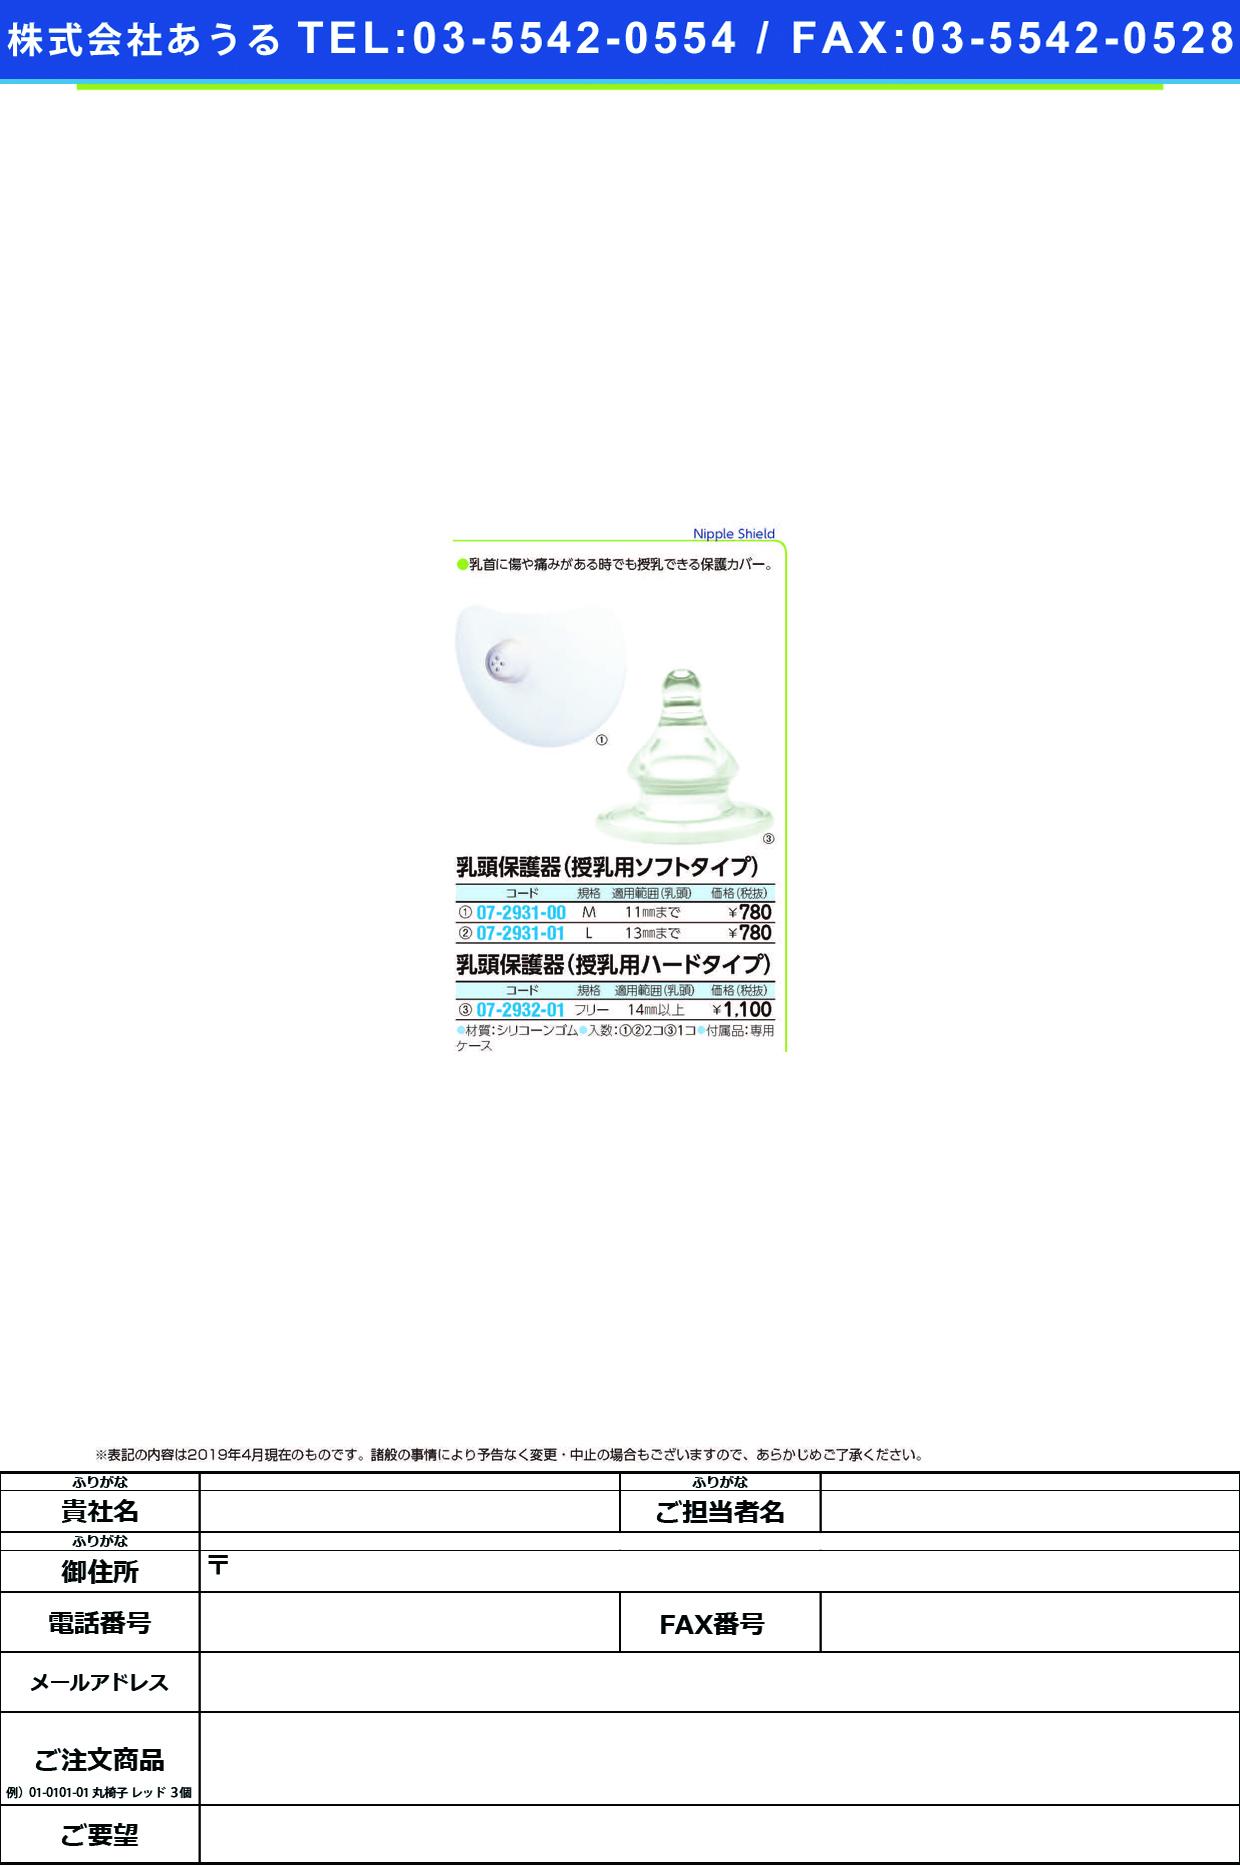 (07-2932-01)乳頭保護器(授乳用ハードタイプ) 16269 ニュウトウホゴキ(ジュニュウハード(ピジョン)【1個単位】【2019年カタログ商品】